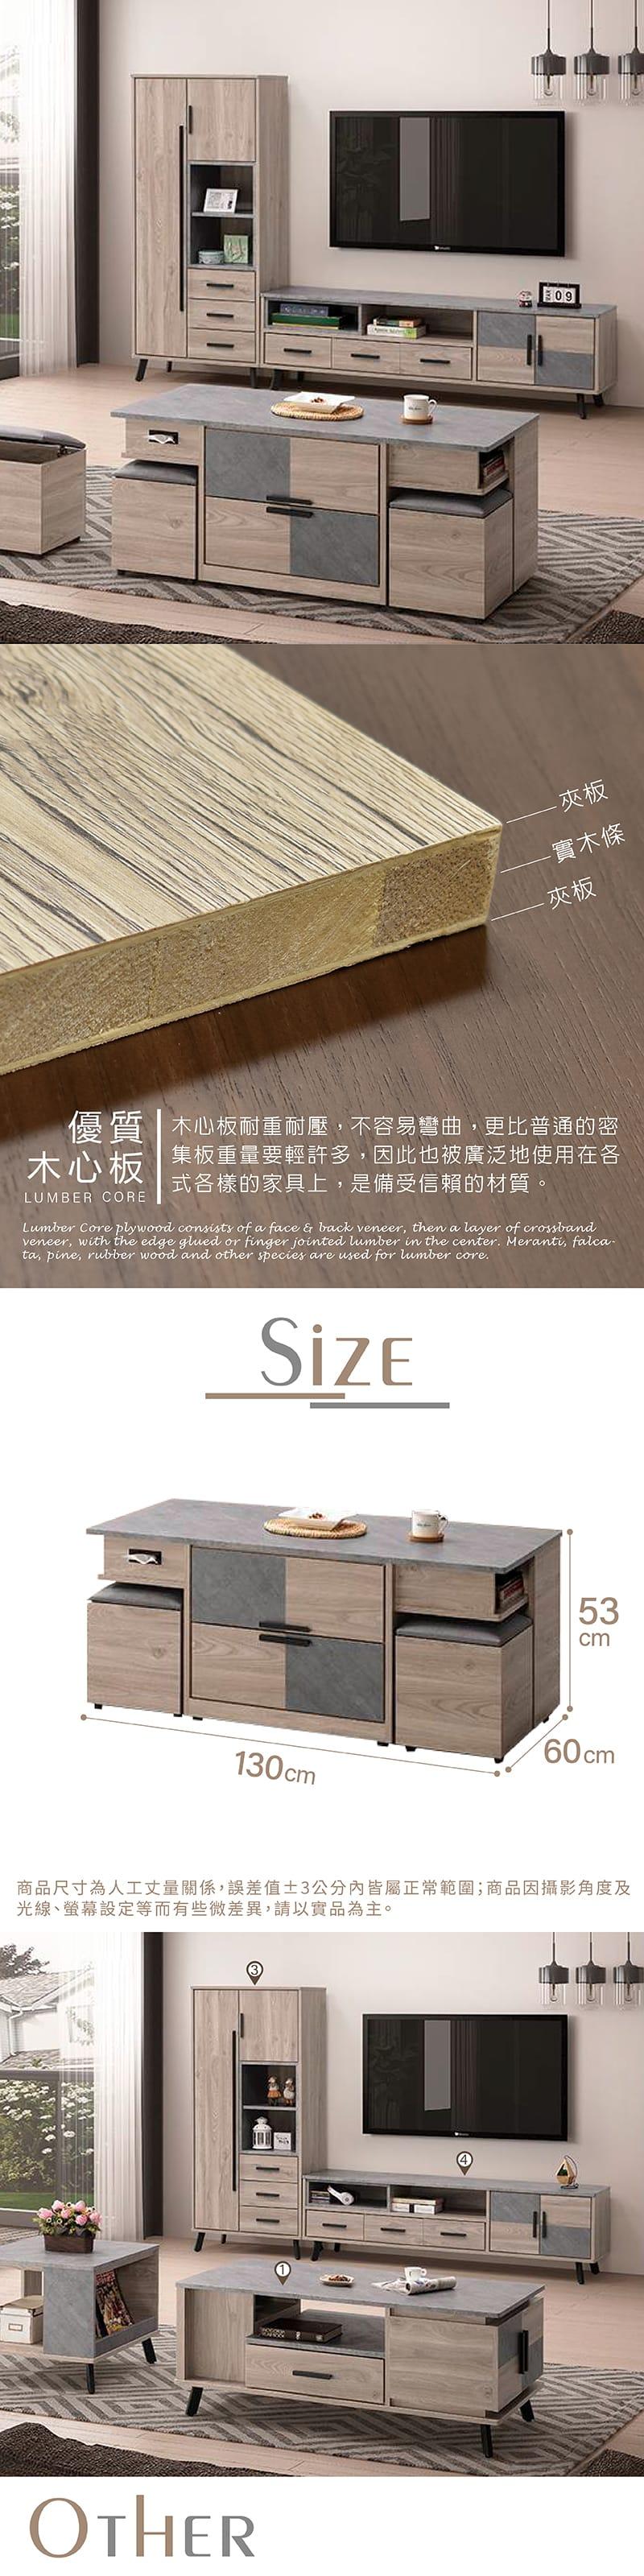 索非亞 工業風附椅凳收納茶几  寬130cm(客廳桌系列)